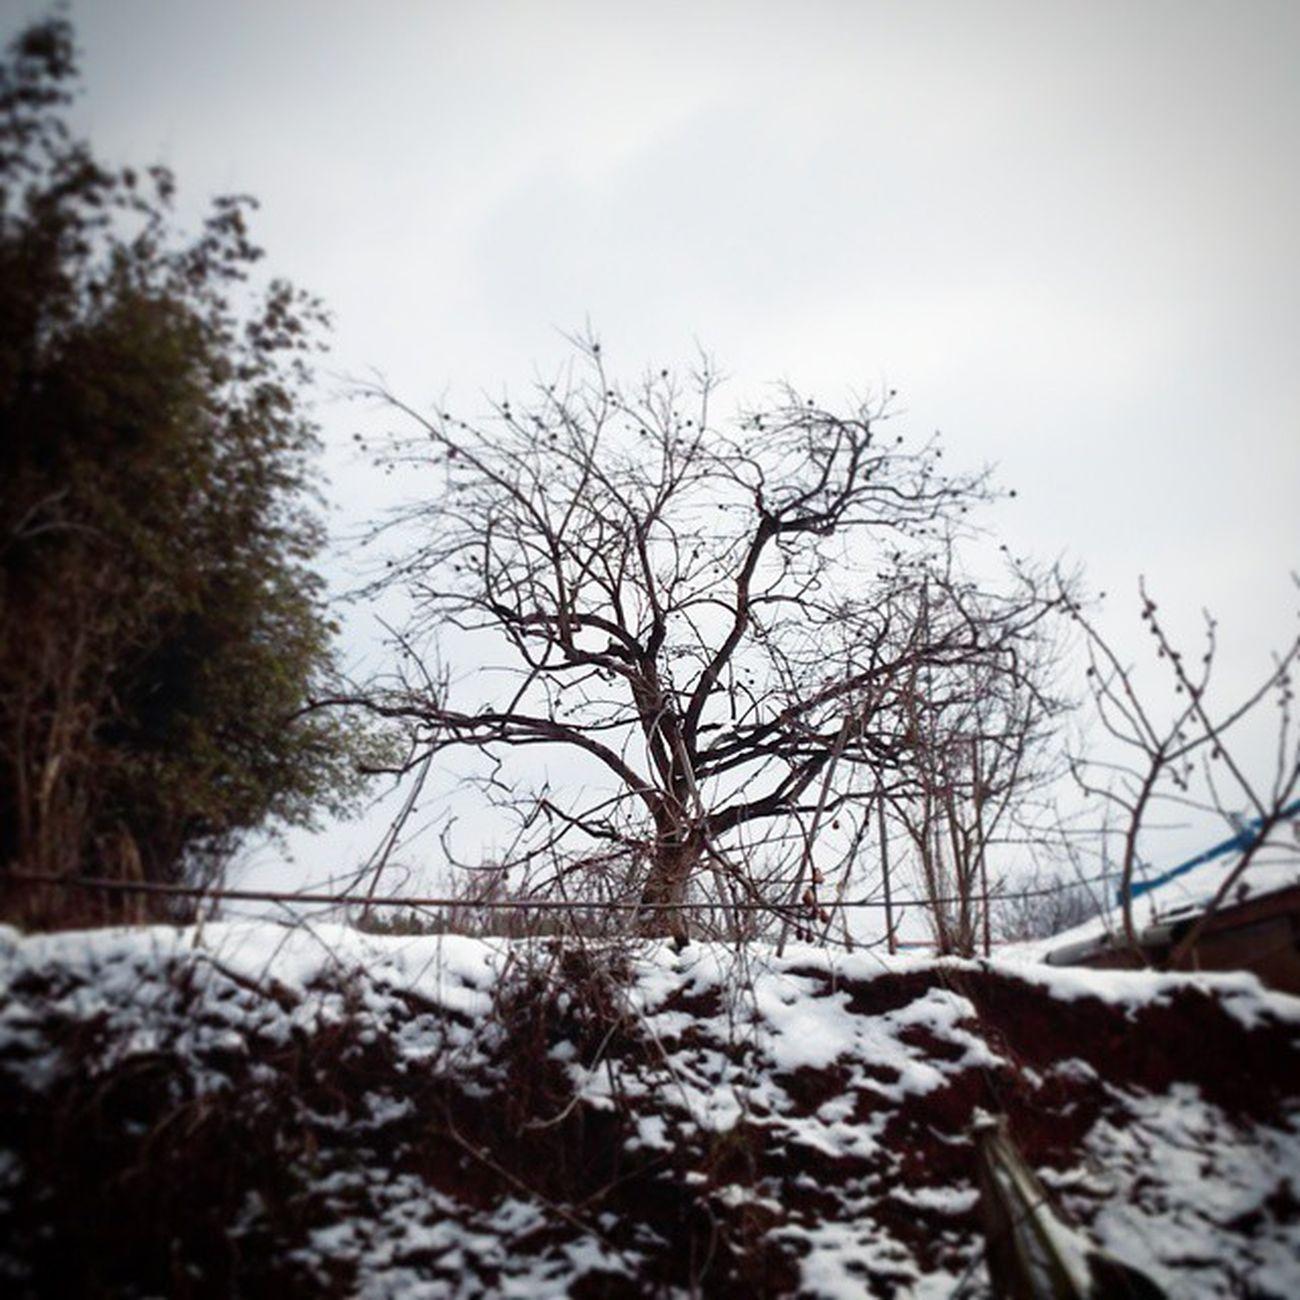 영암 에 눈 오던 날 찍은 사진. 옆집 풍경이랄까? 감나무에 감 다 떨어지니까 되게 쓸쓸해보인다. 그래도 산비둘기한쌍이 매일 찾아오니까 외로움은 덜하겠지? 눈 나무 비둘기 옆집 감나무 감 가지 외로워 쓸쓸 풍경 외로움 겨울 한겨울 완연한_봄은_아직_멀었구나